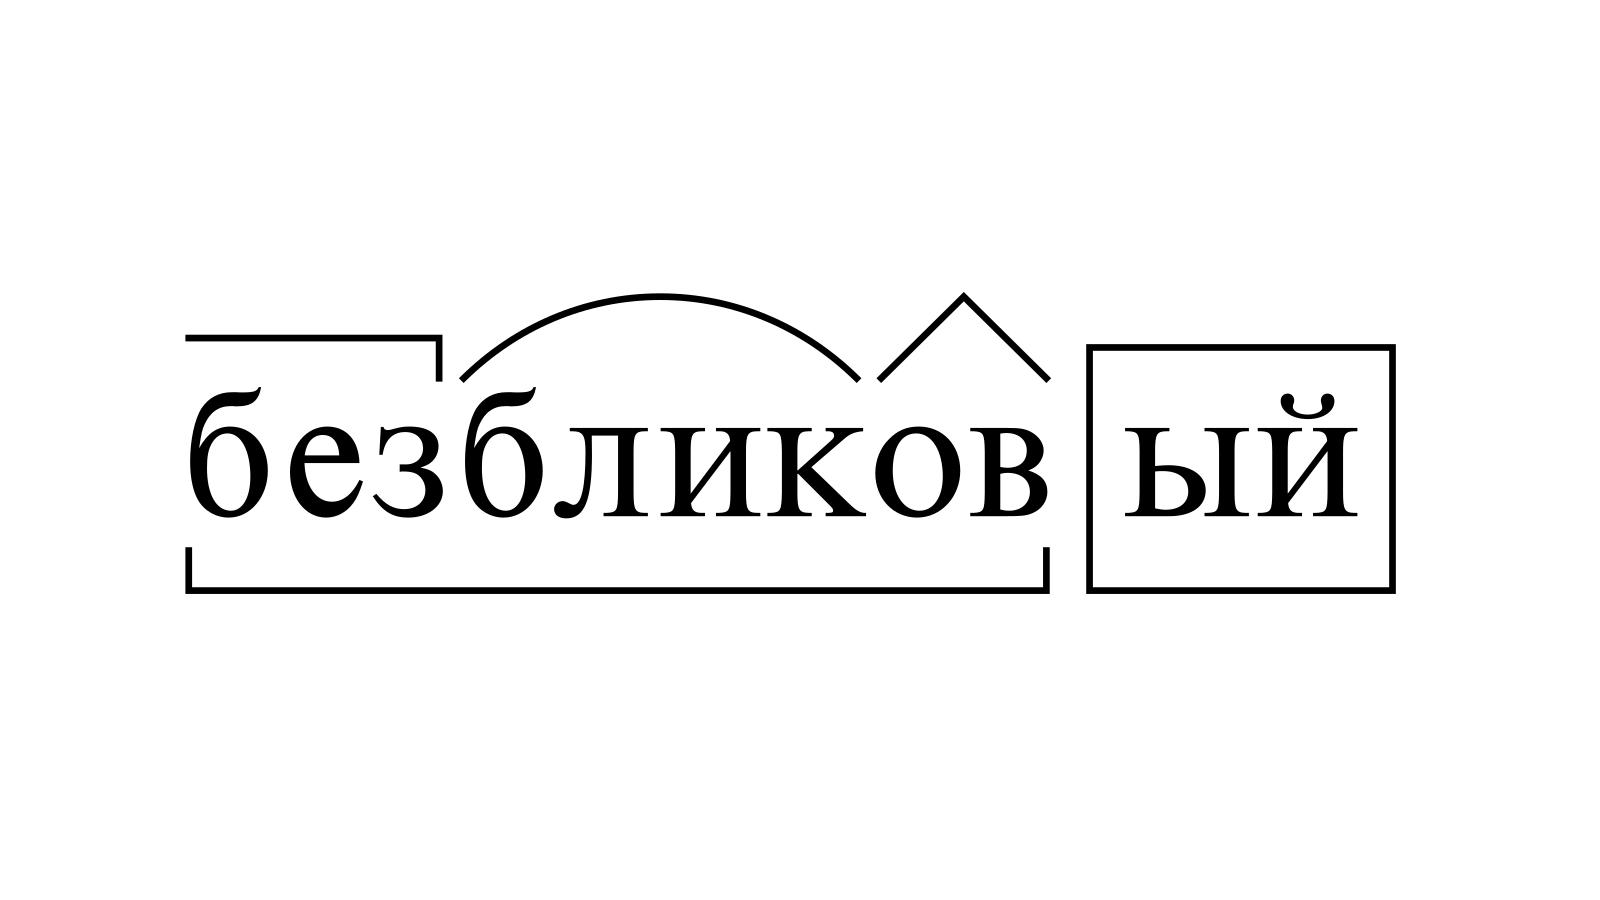 Разбор слова «безбликовый» по составу